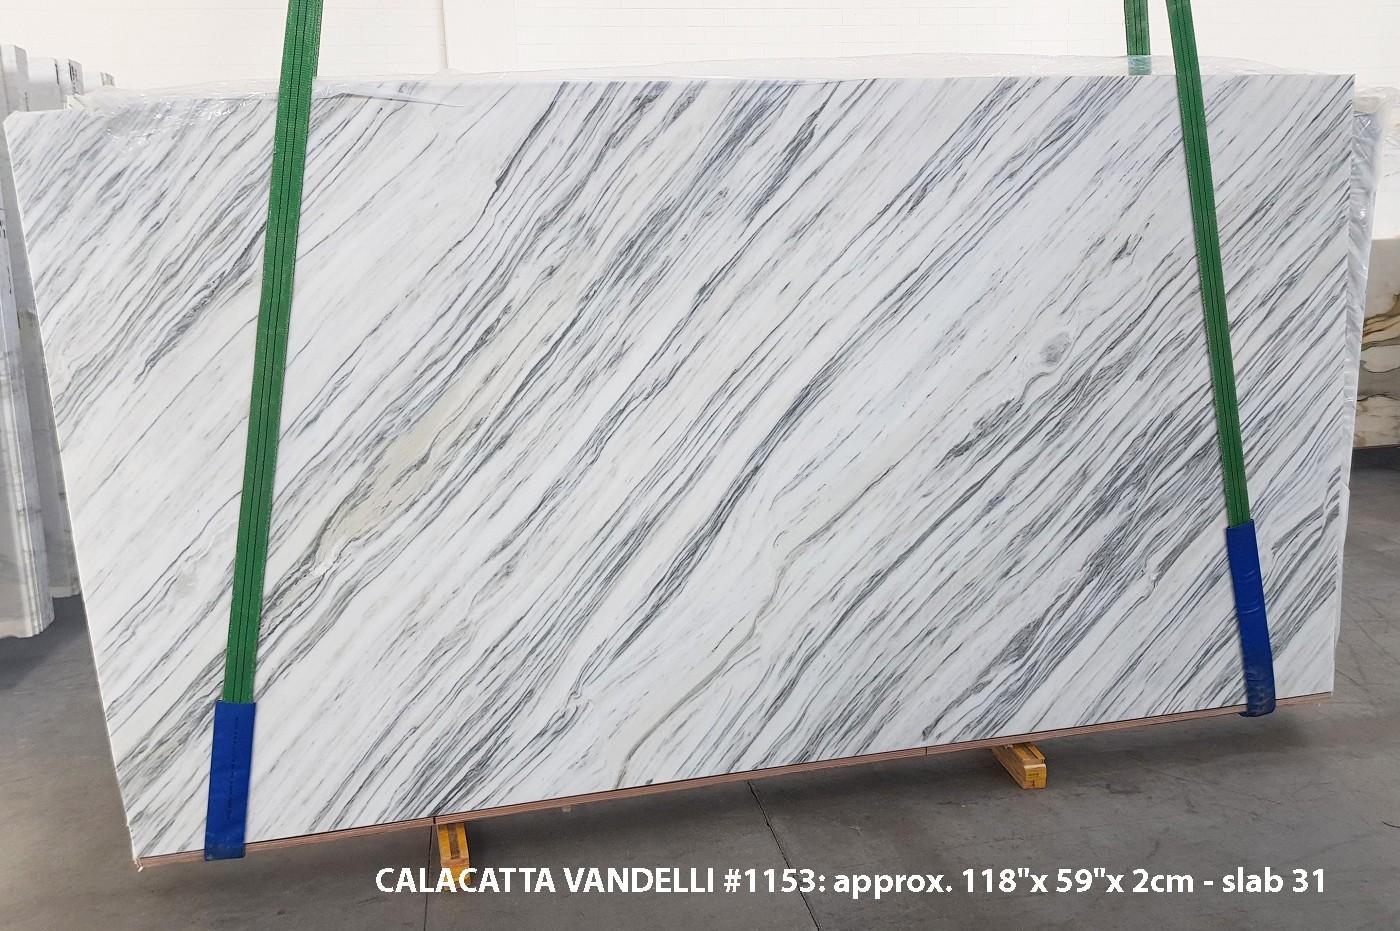 Calacatta Vandelli Fourniture (Italie) d' dalles brillantes en marbre naturel 1153 , Slab #31